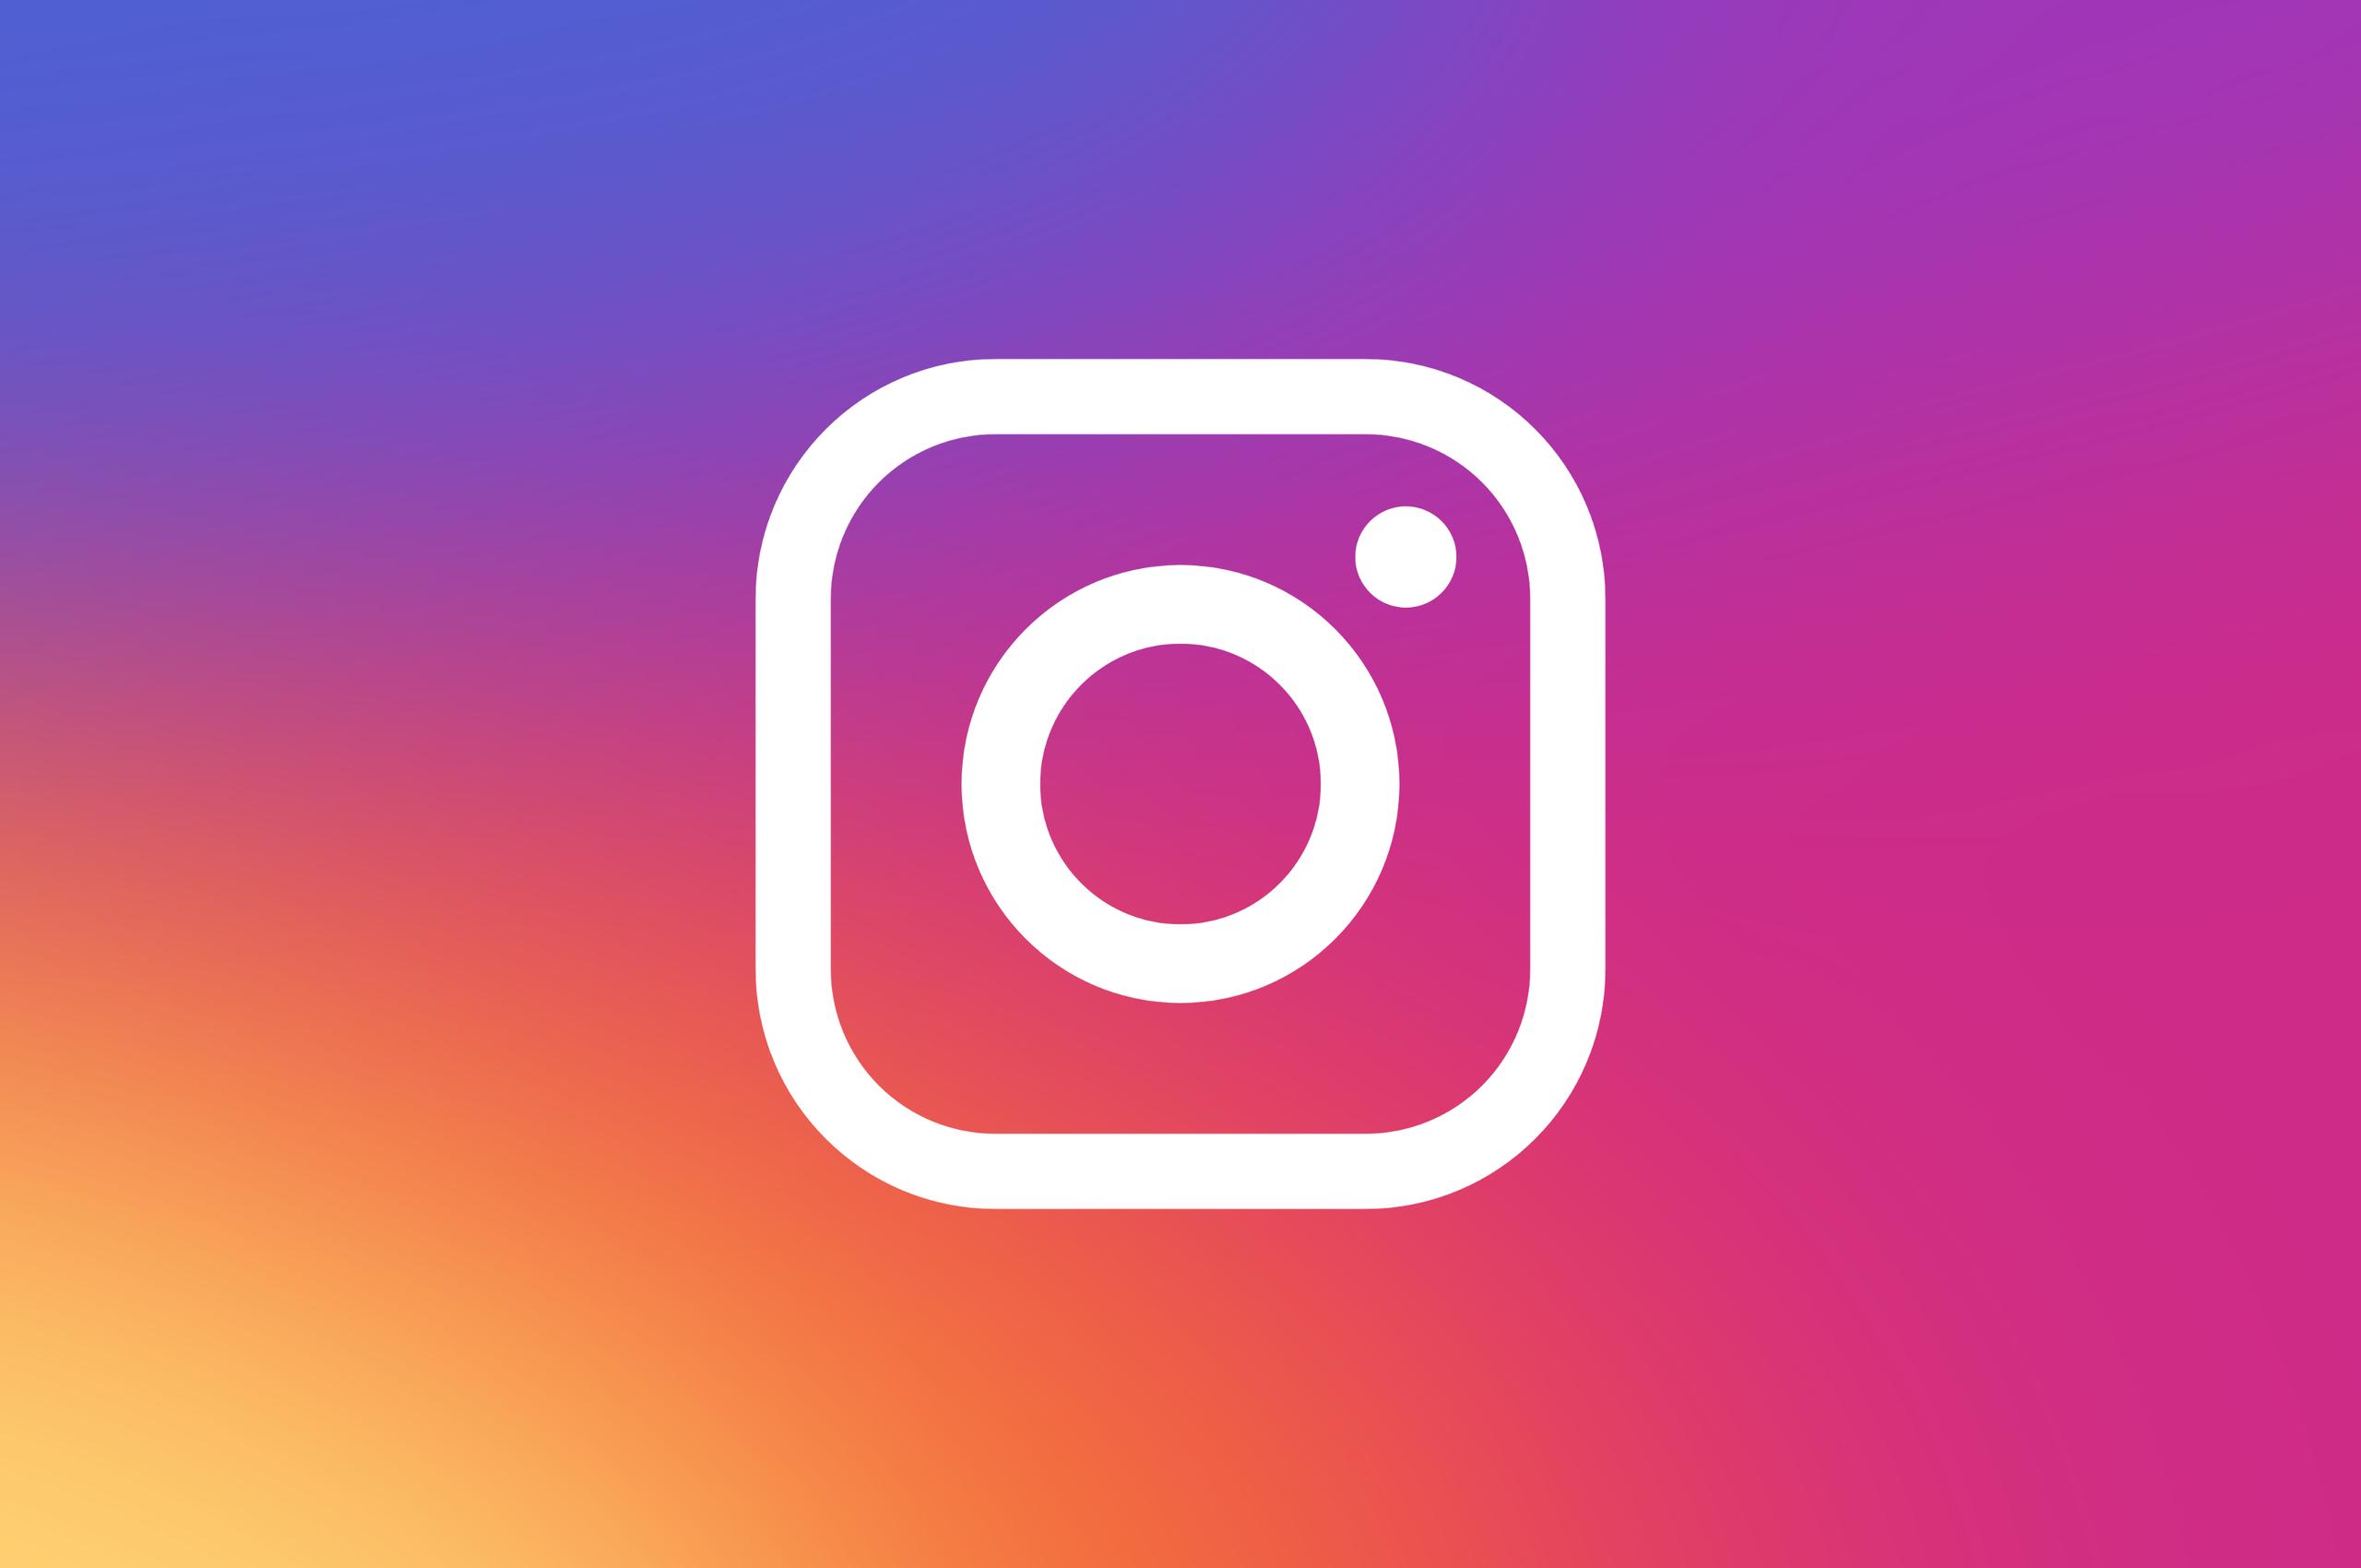 instagram-4k-vf.jpg